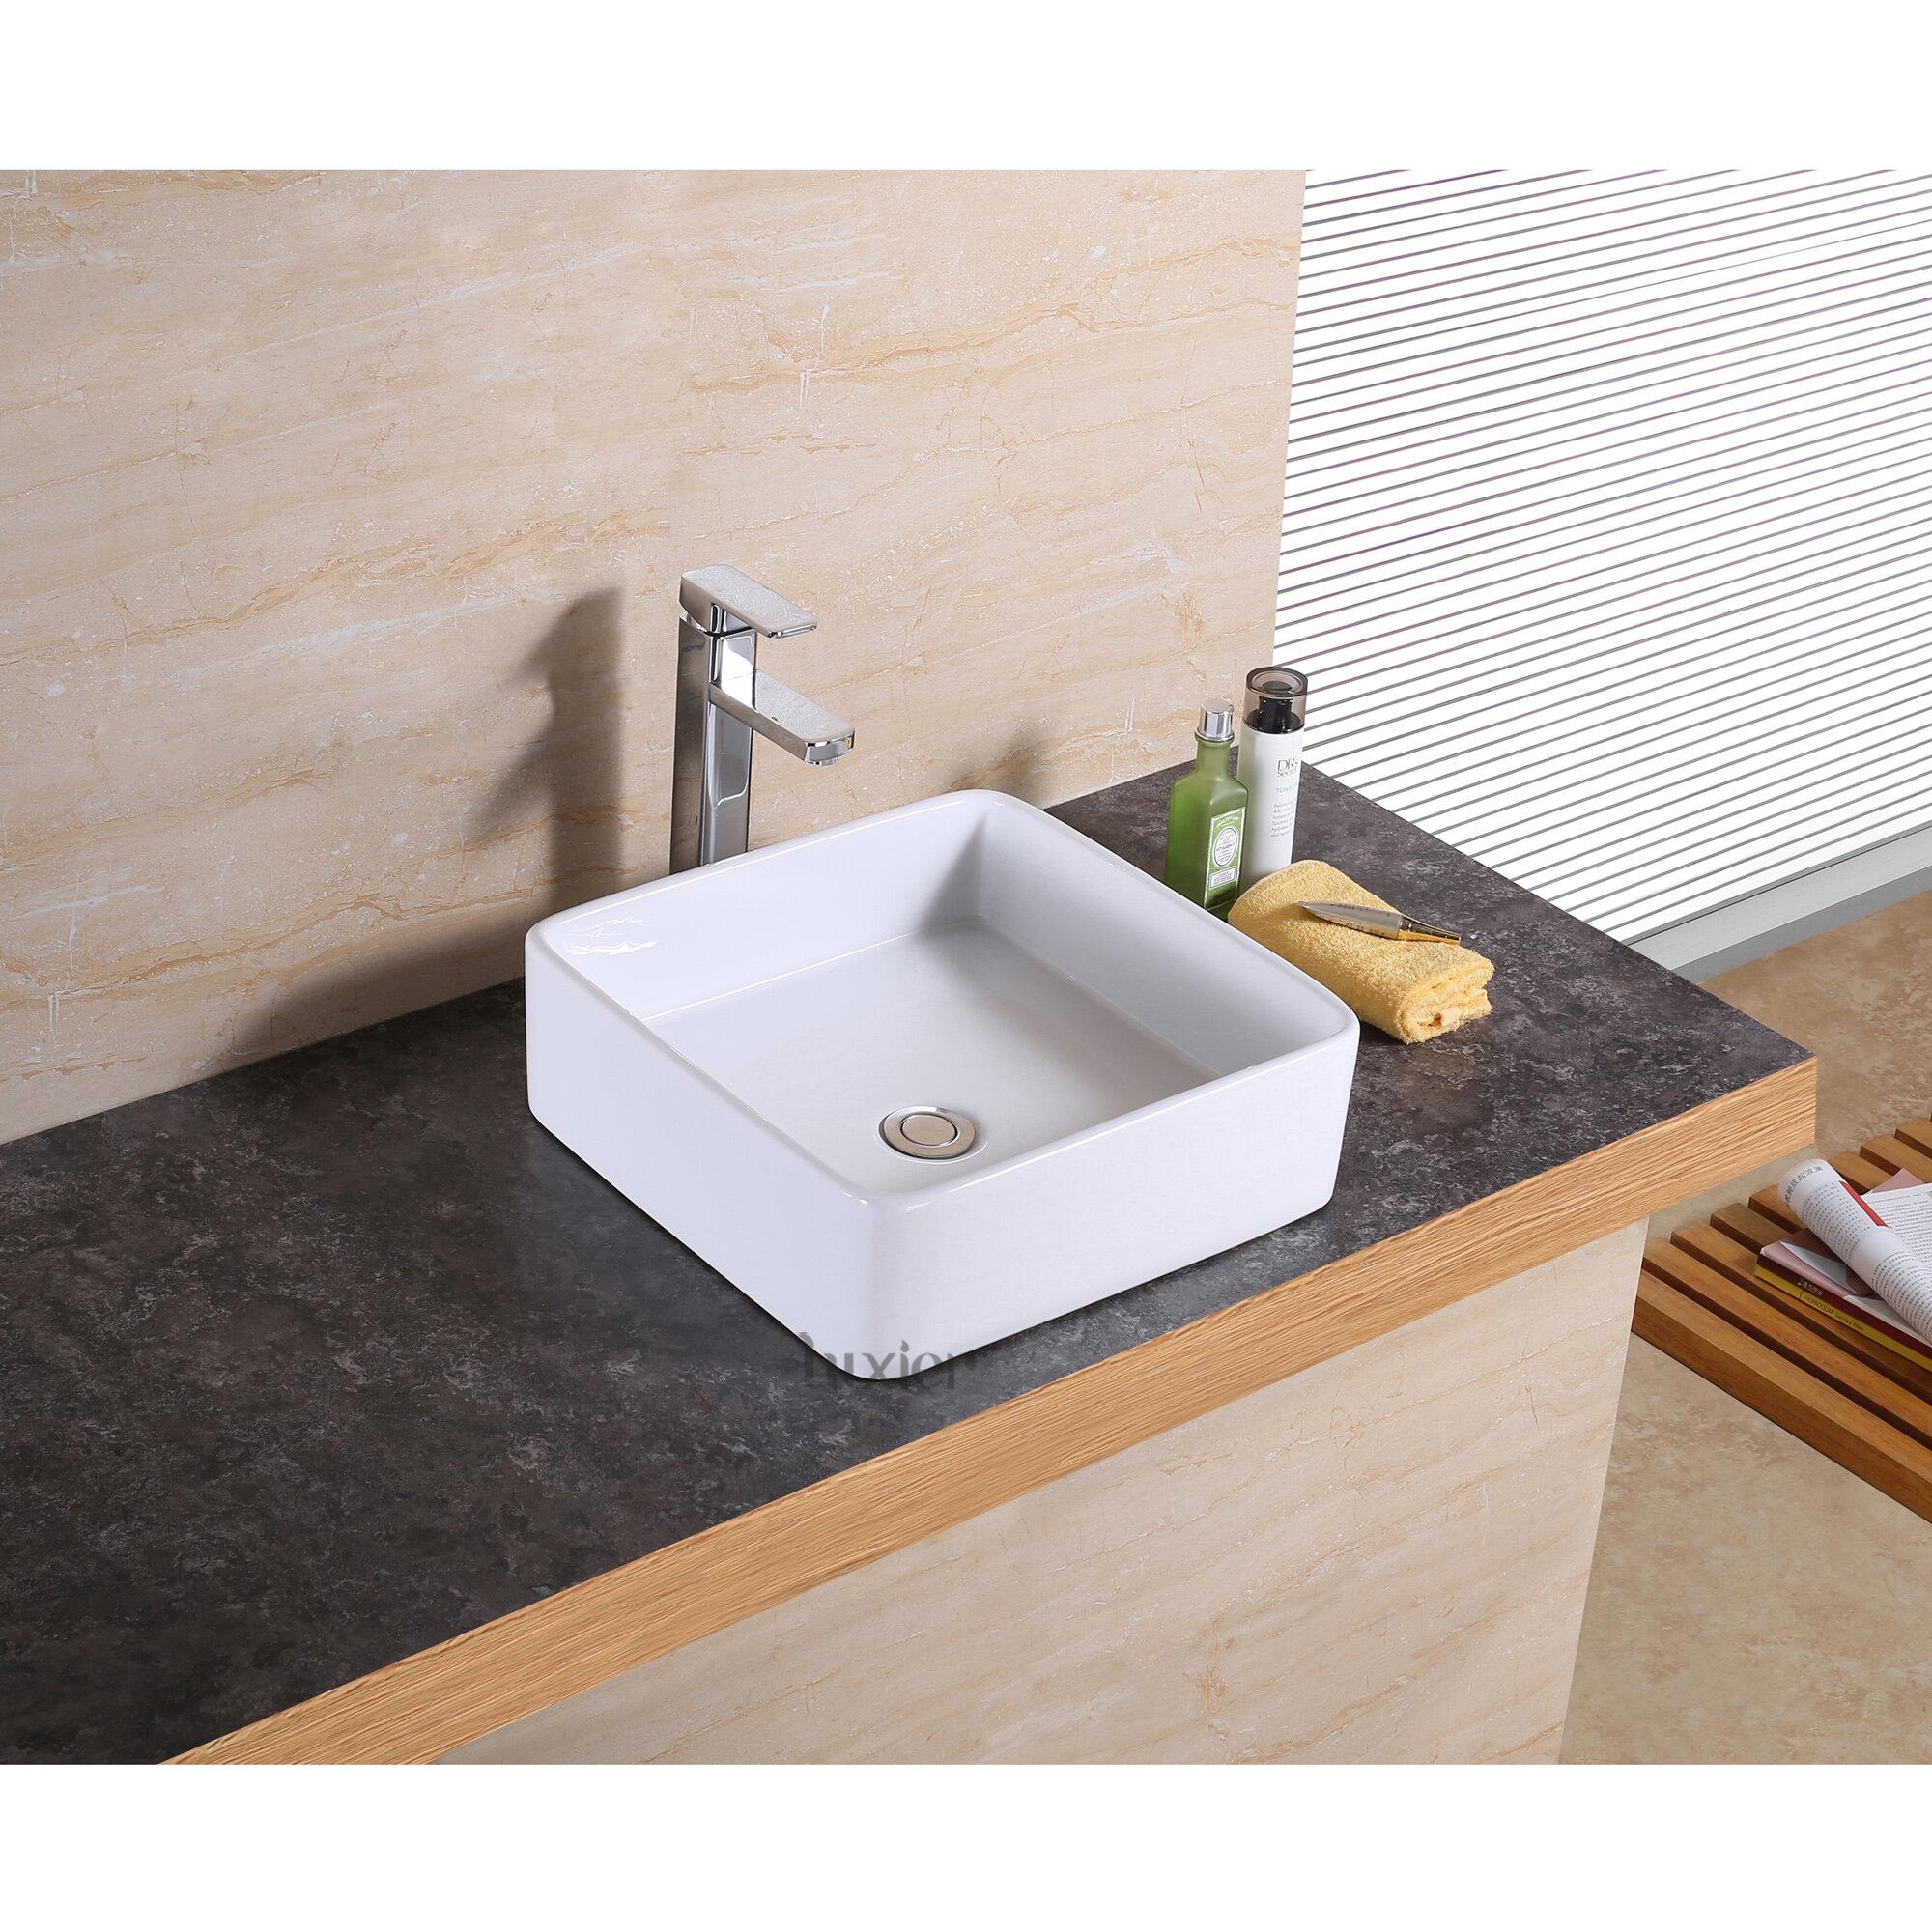 Luxier Vanity Art Basin Ceramic Square Vessel Bathroom Sink Reviews Wayfair